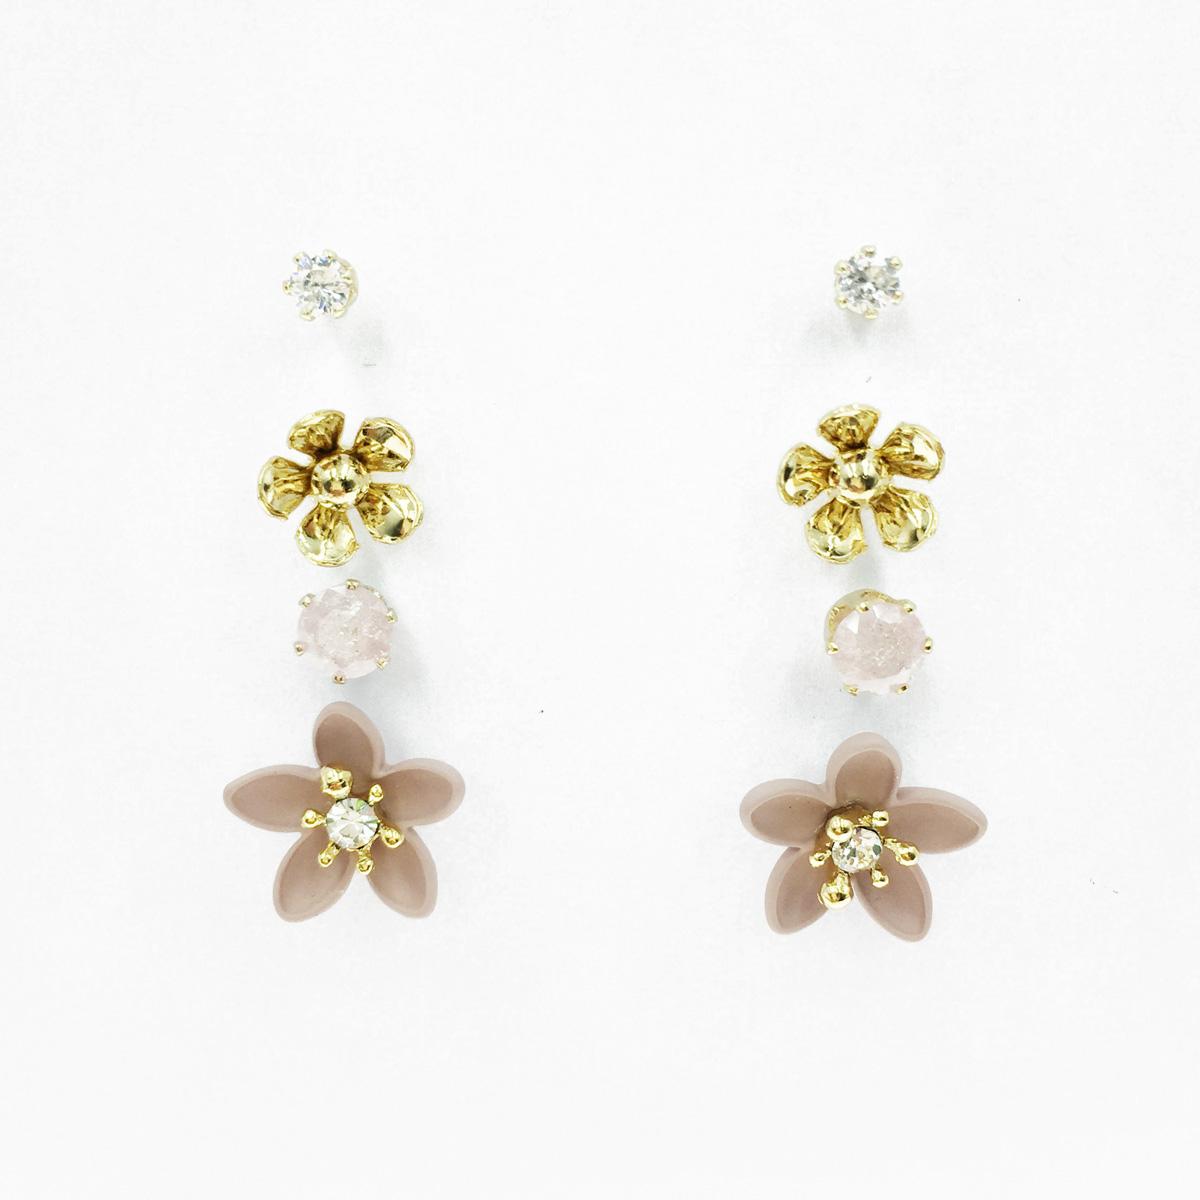 韓國 花朵 水鑽 爪鑽 多入組 耳針式耳環